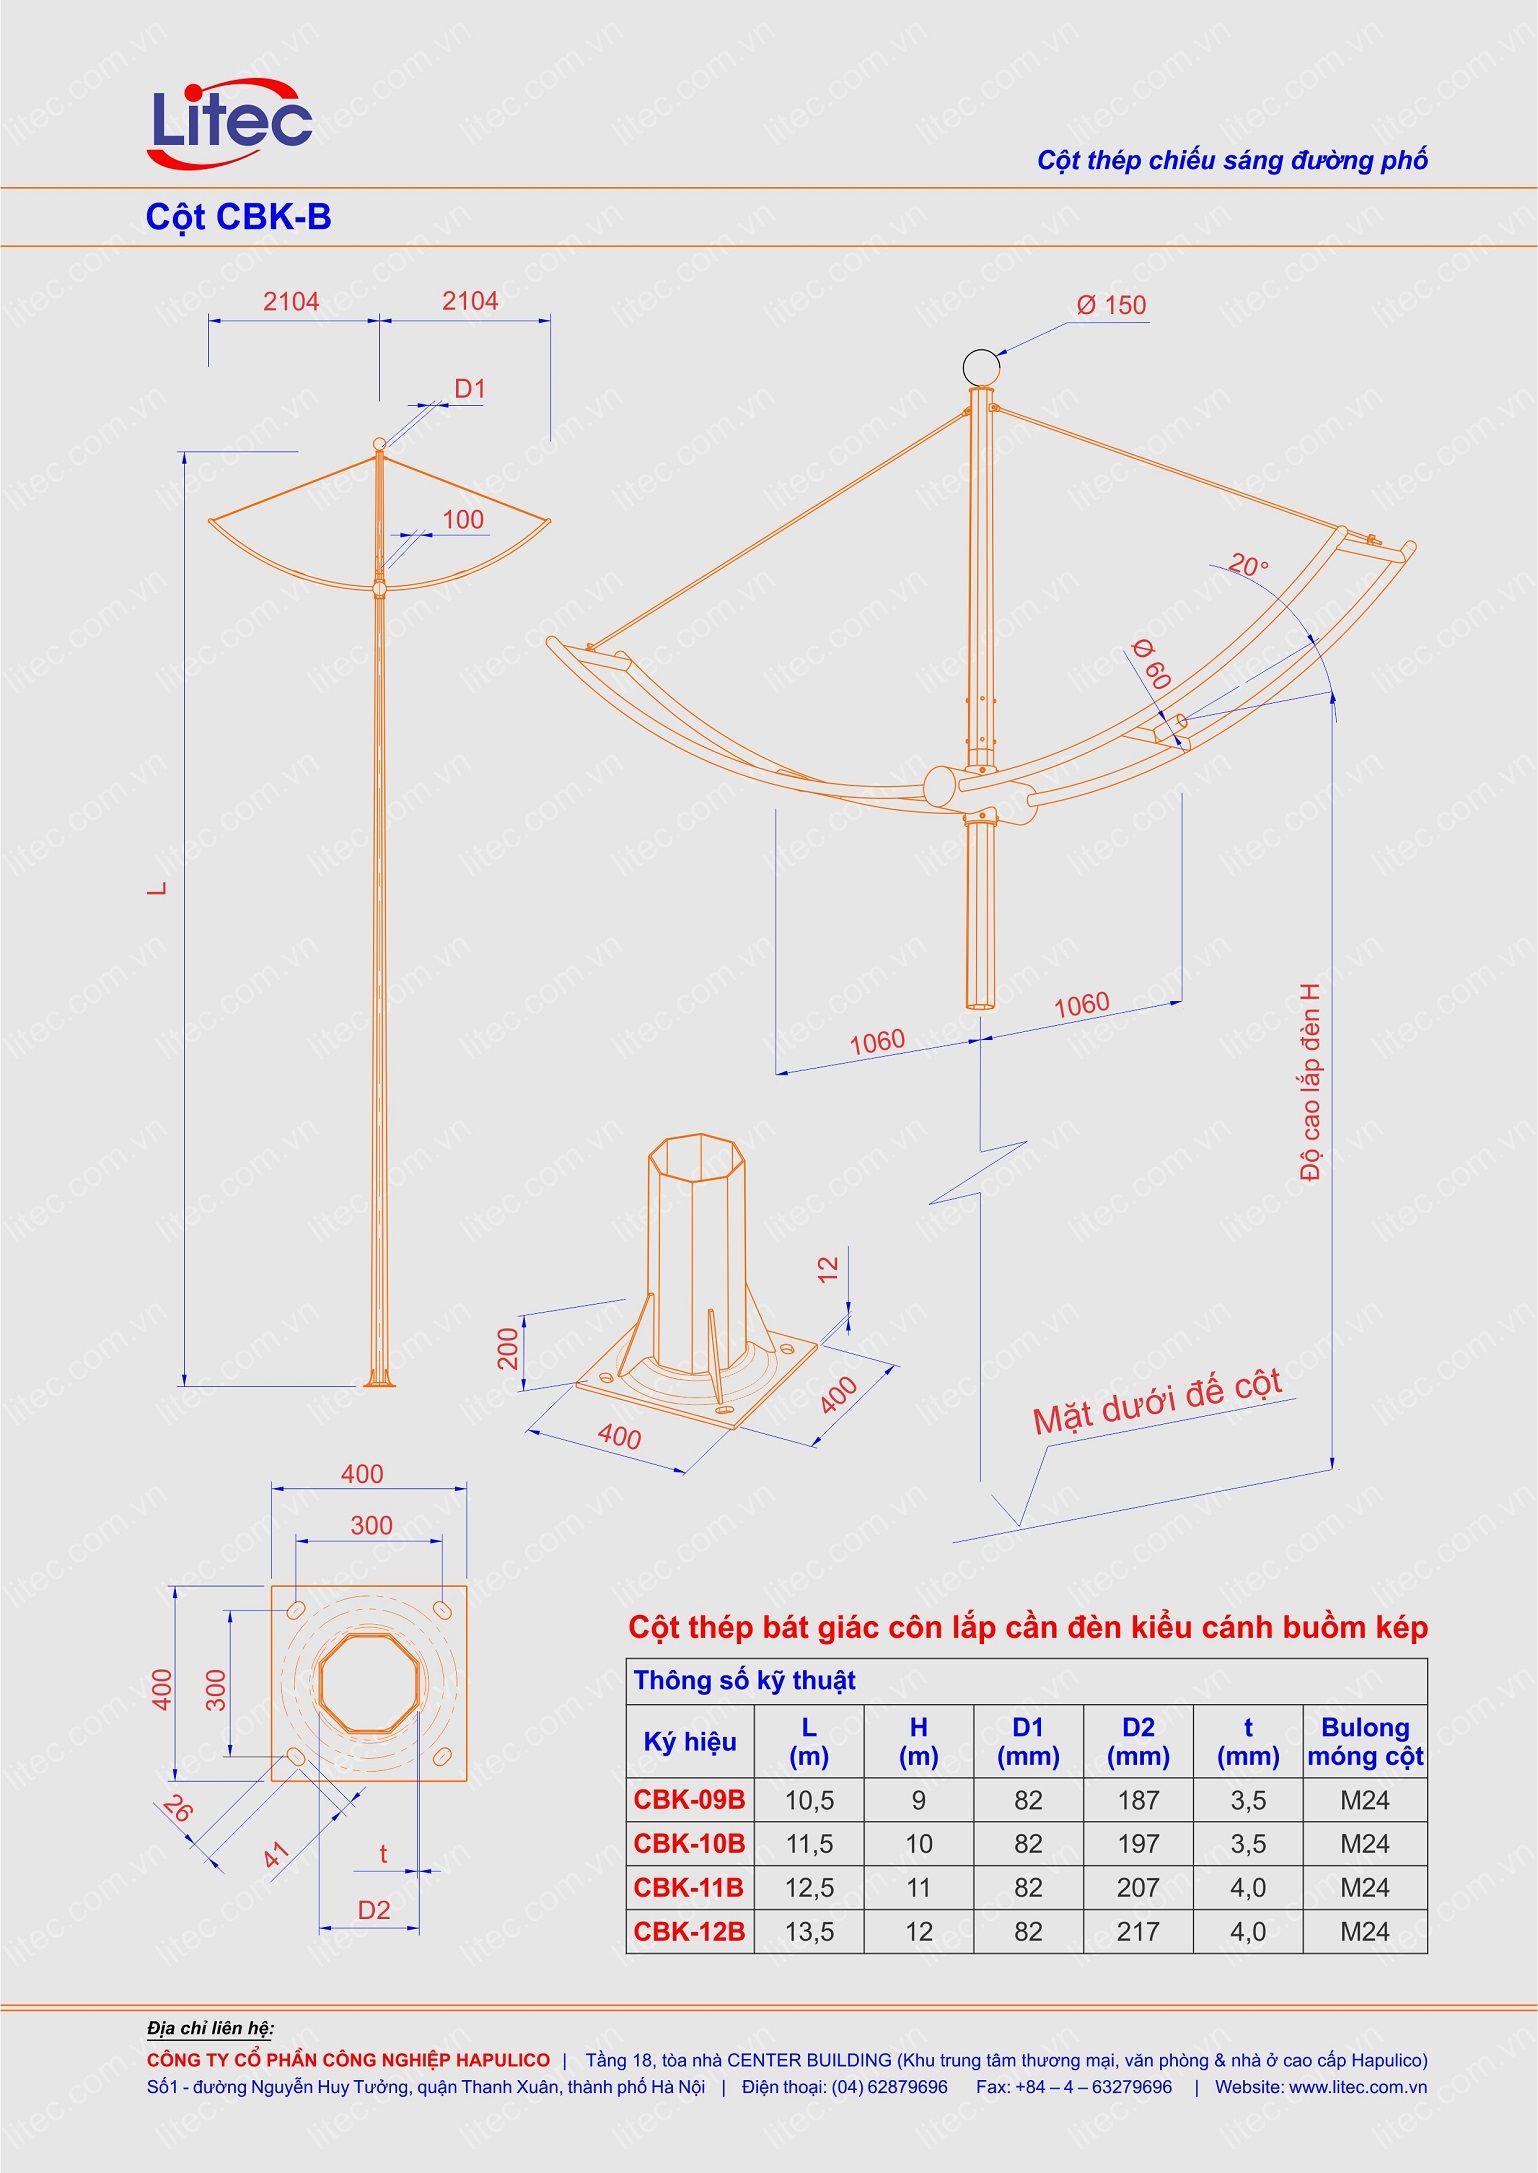 Cột đèn bát giác lắp cần cánh buồm kép